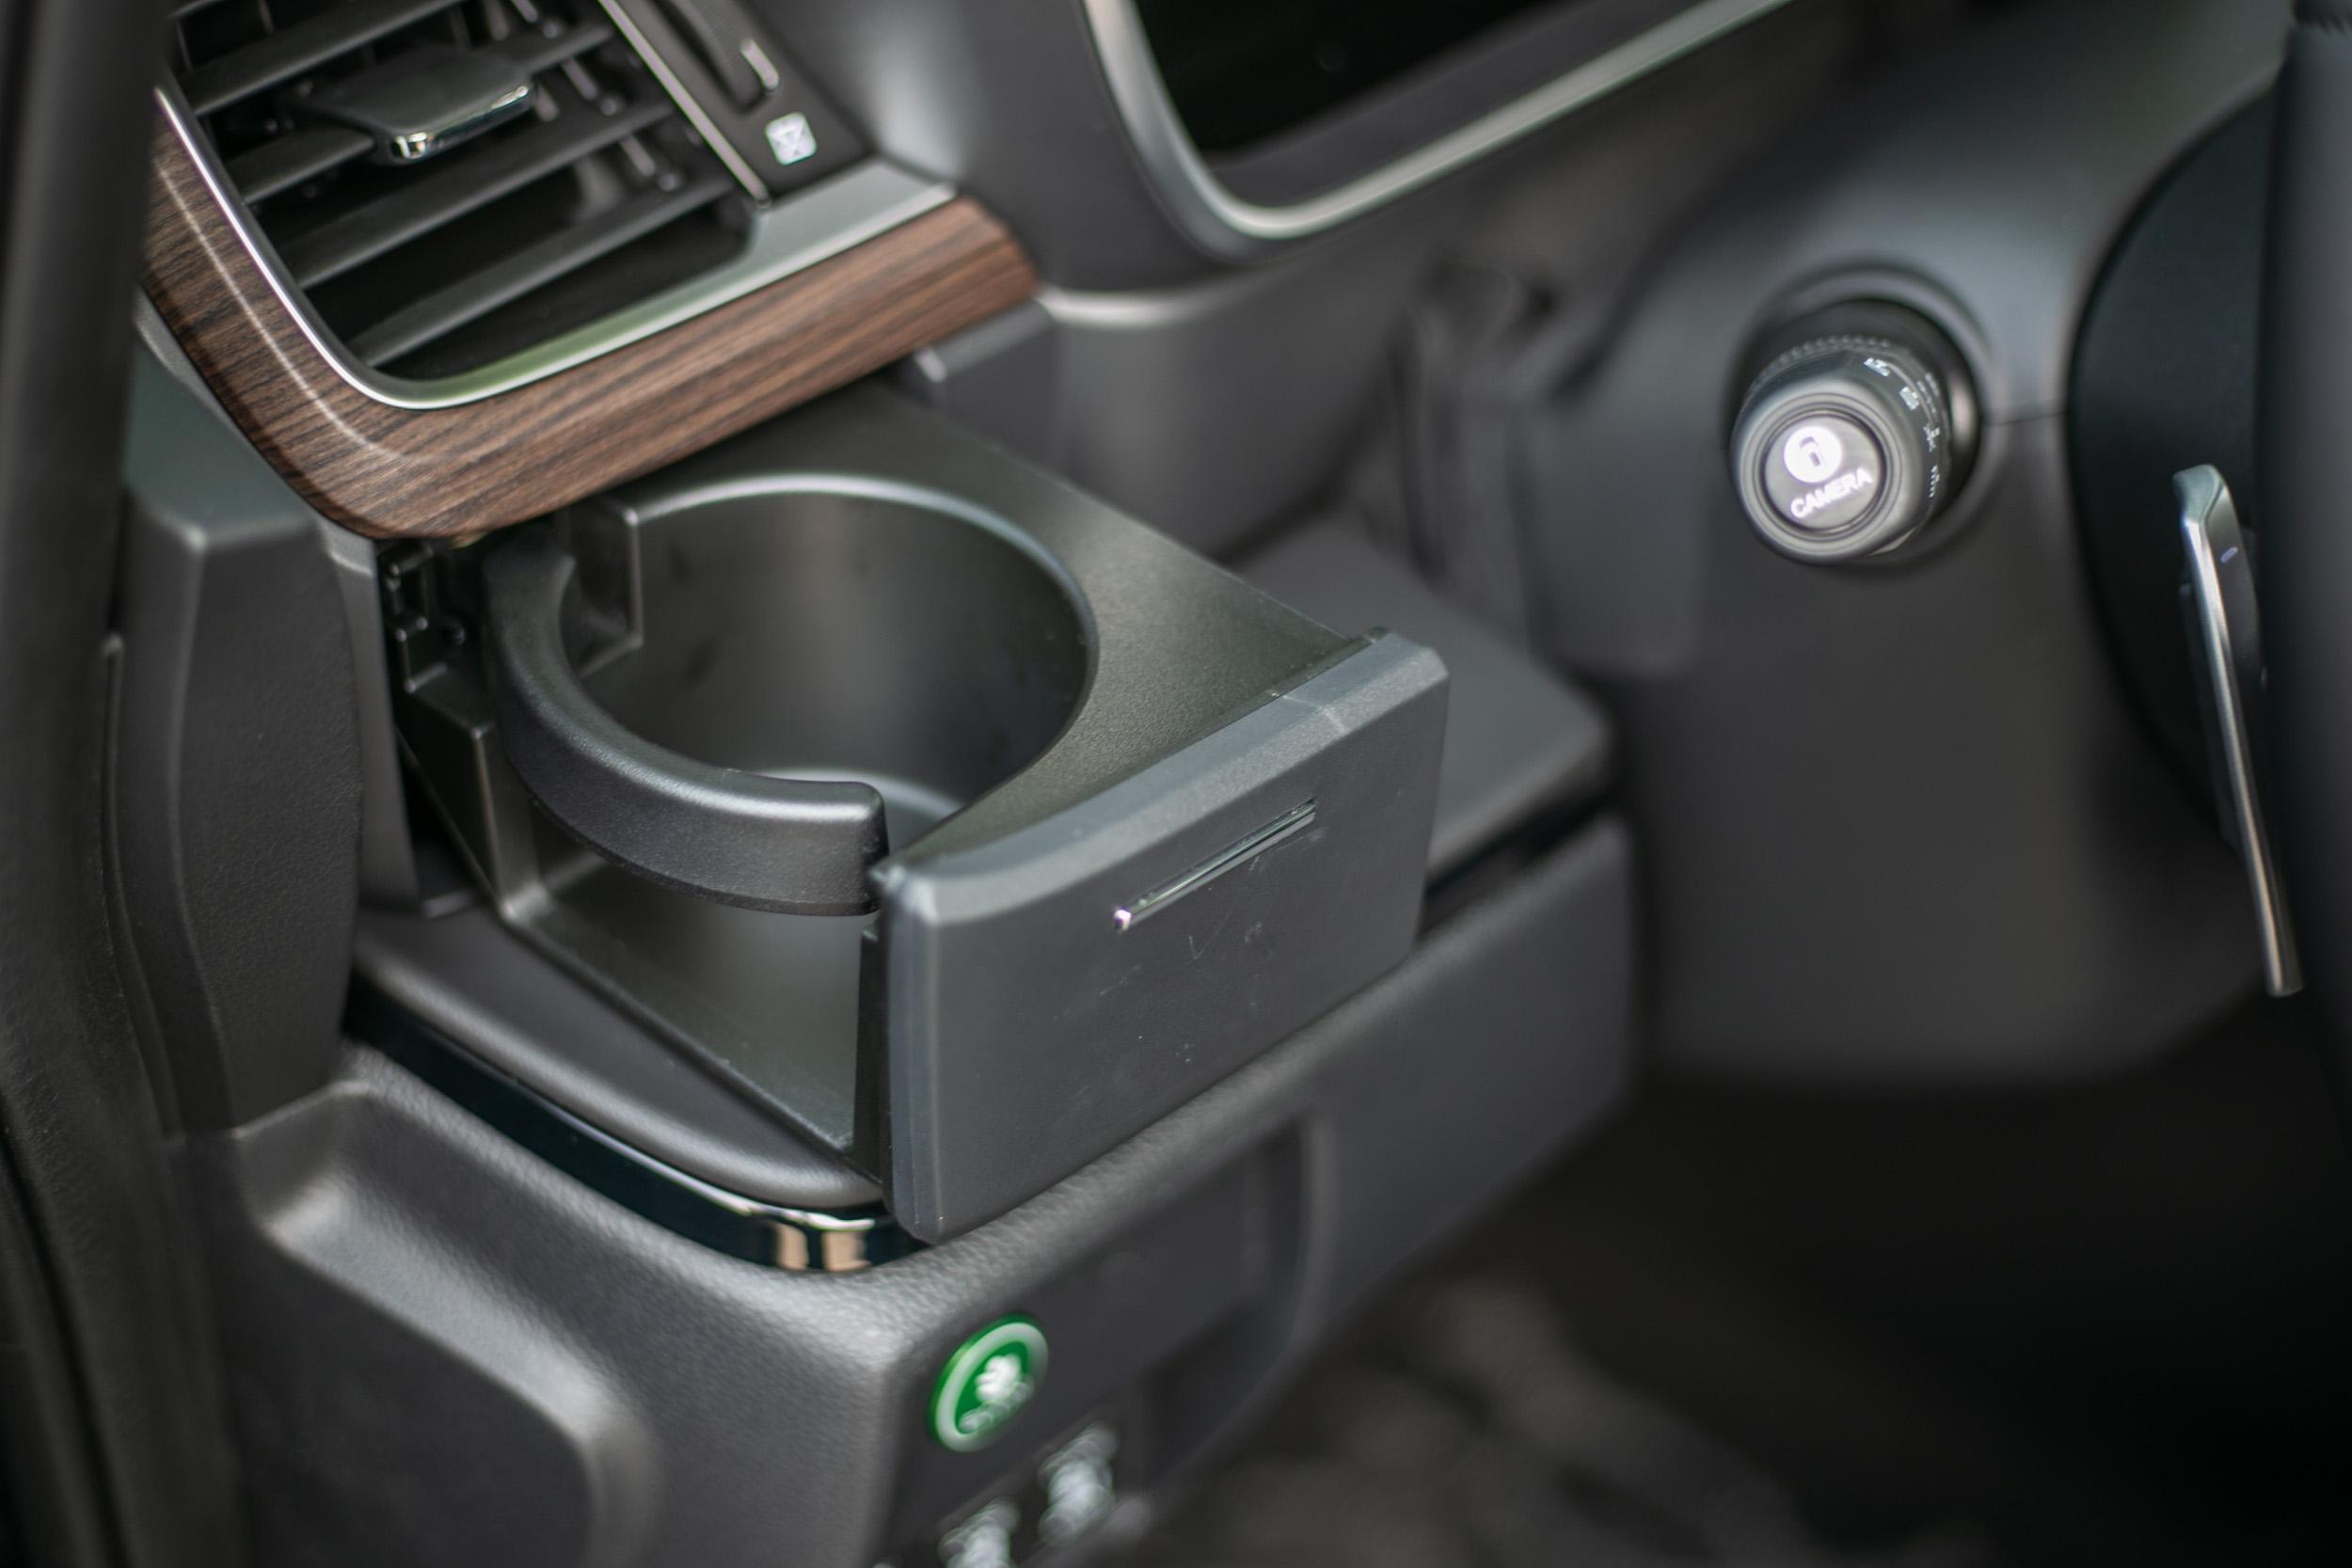 駕駛座左側新增一個隱藏式置杯架。